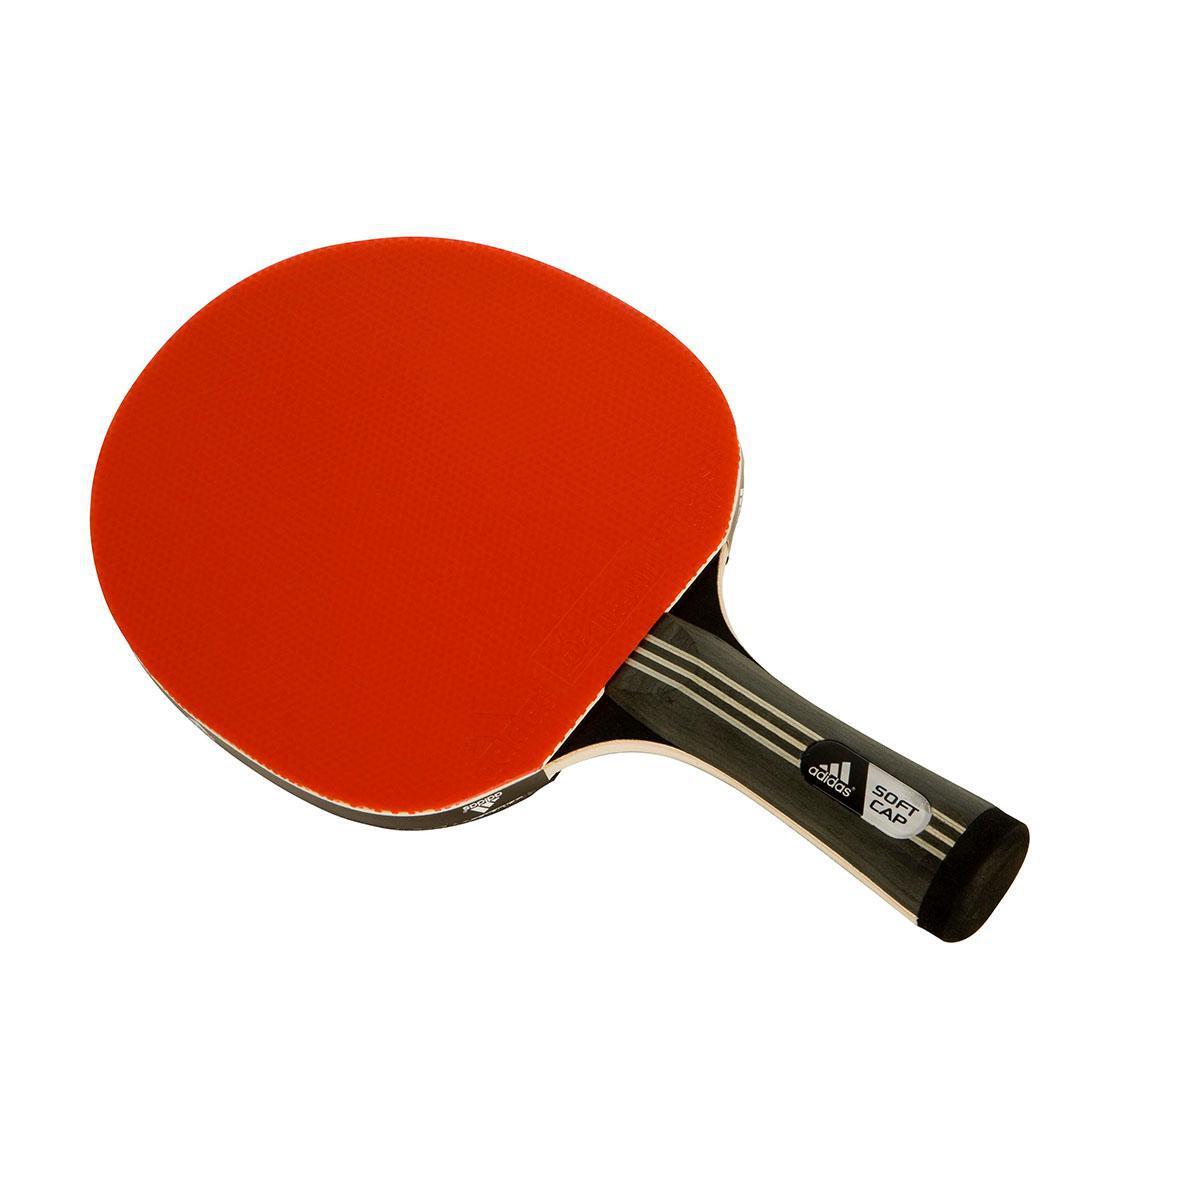 1f3de941785 Adidas Club II Table Tennis Bat - Tennisnuts.com